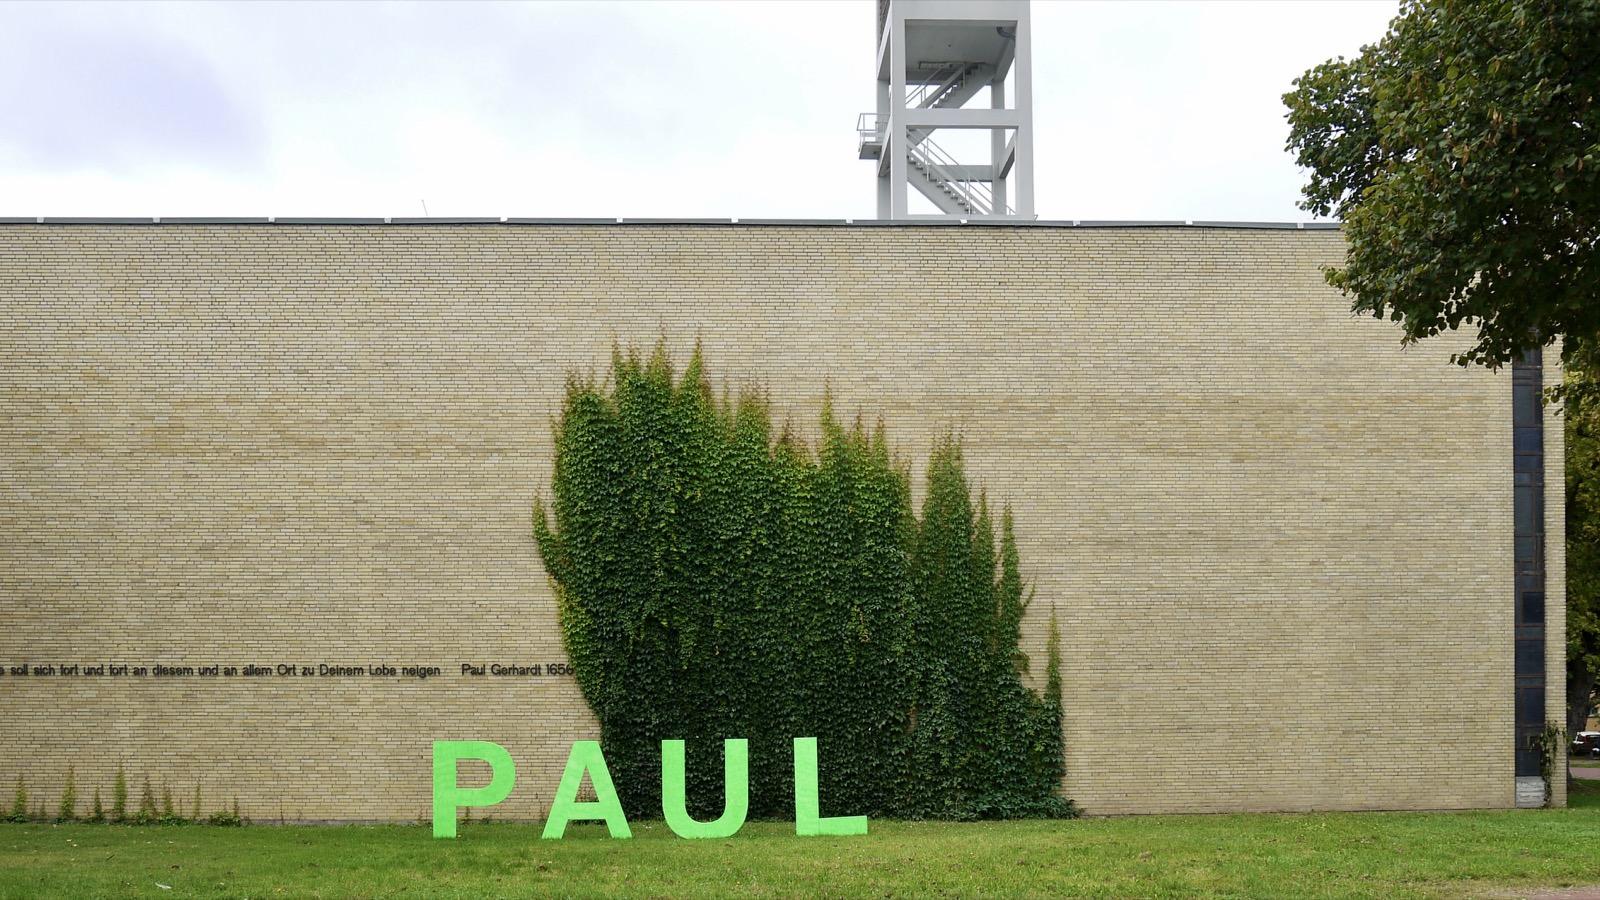 Wer ist eigentlich Paul? Paul Gerhardt war ein evangelisch-lutherischer Theologe und leiht seinen Vornamen nun einer baukulturellen Veranstaltungsreihe der Initiative MOFA   Foto: M. Schülke